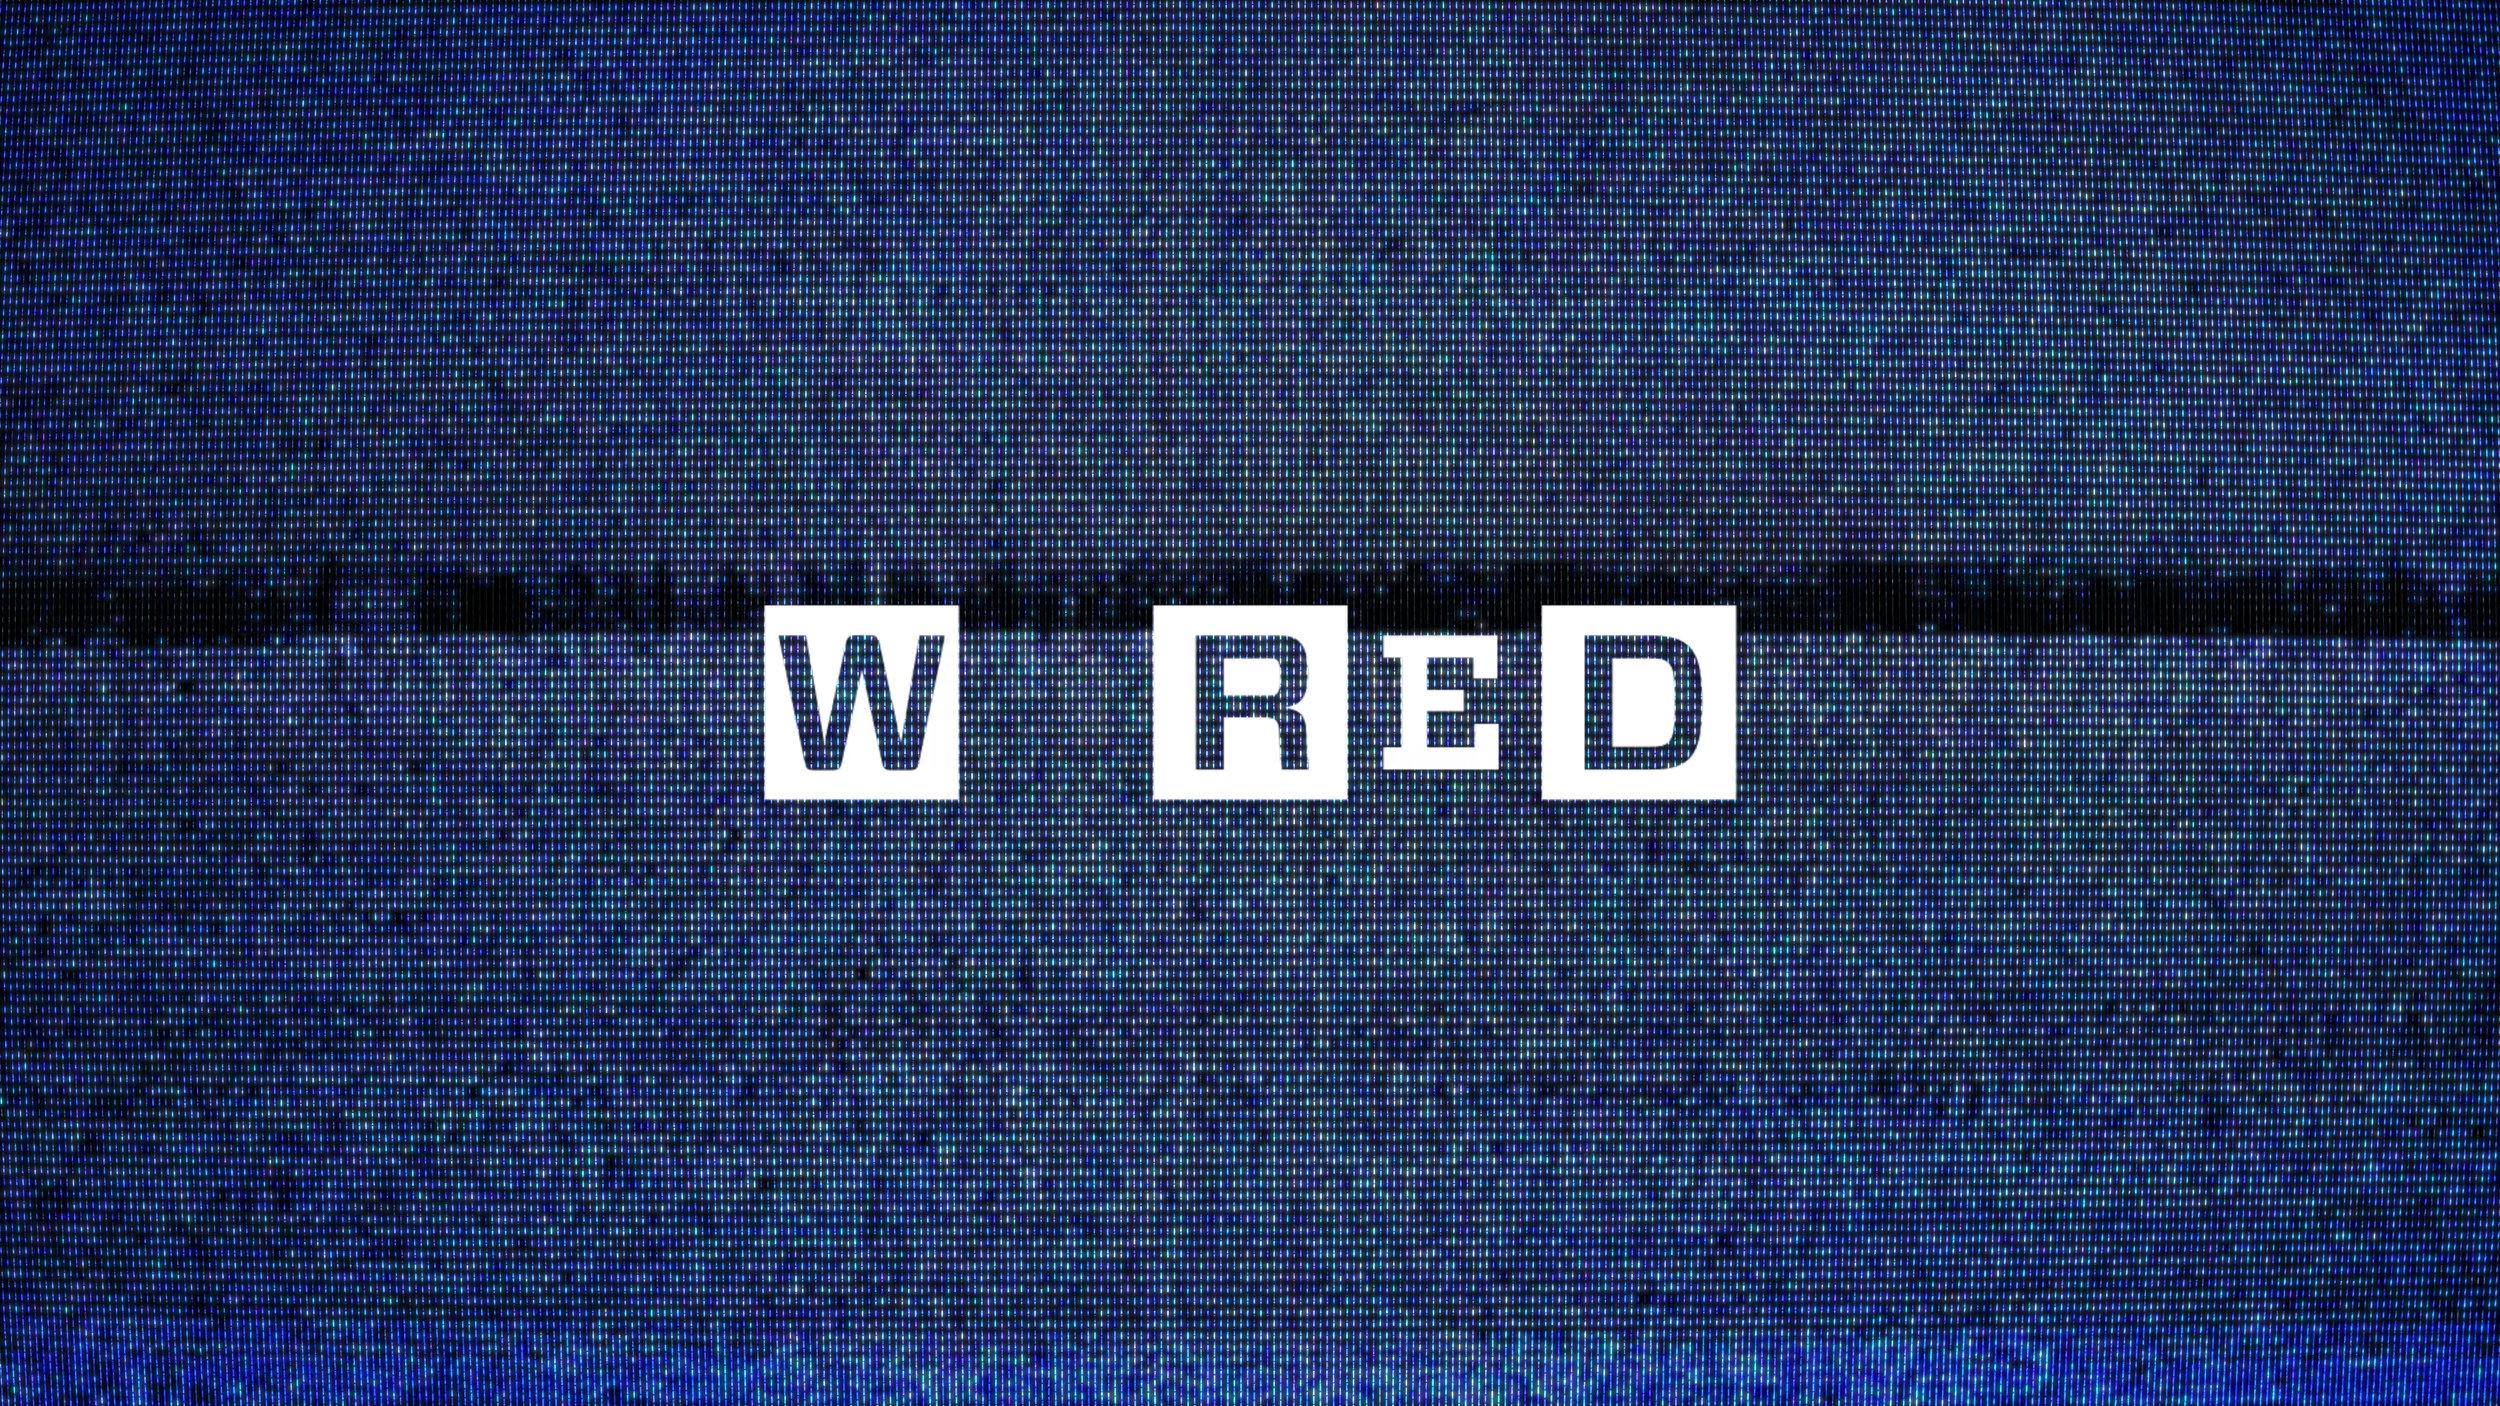 WEX_REEL_84.jpg